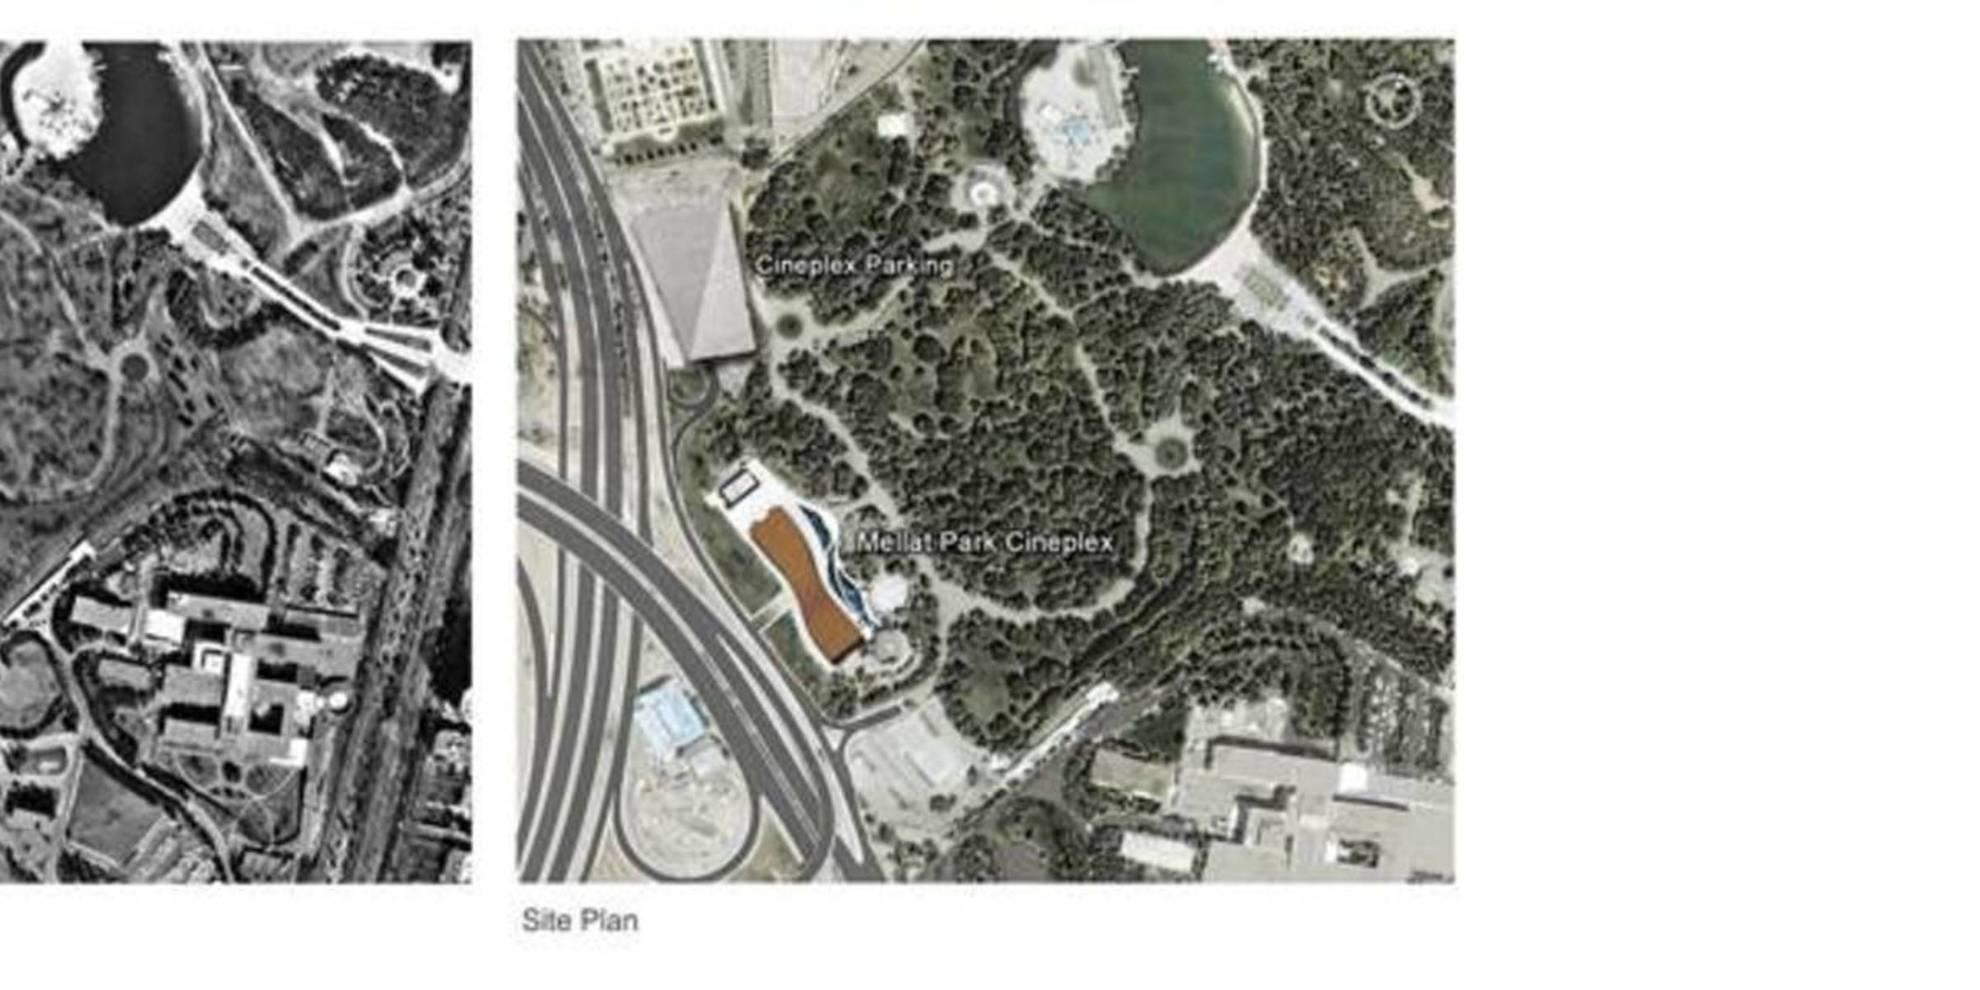 Planimetria dell'area prima e dopo la realizzazione